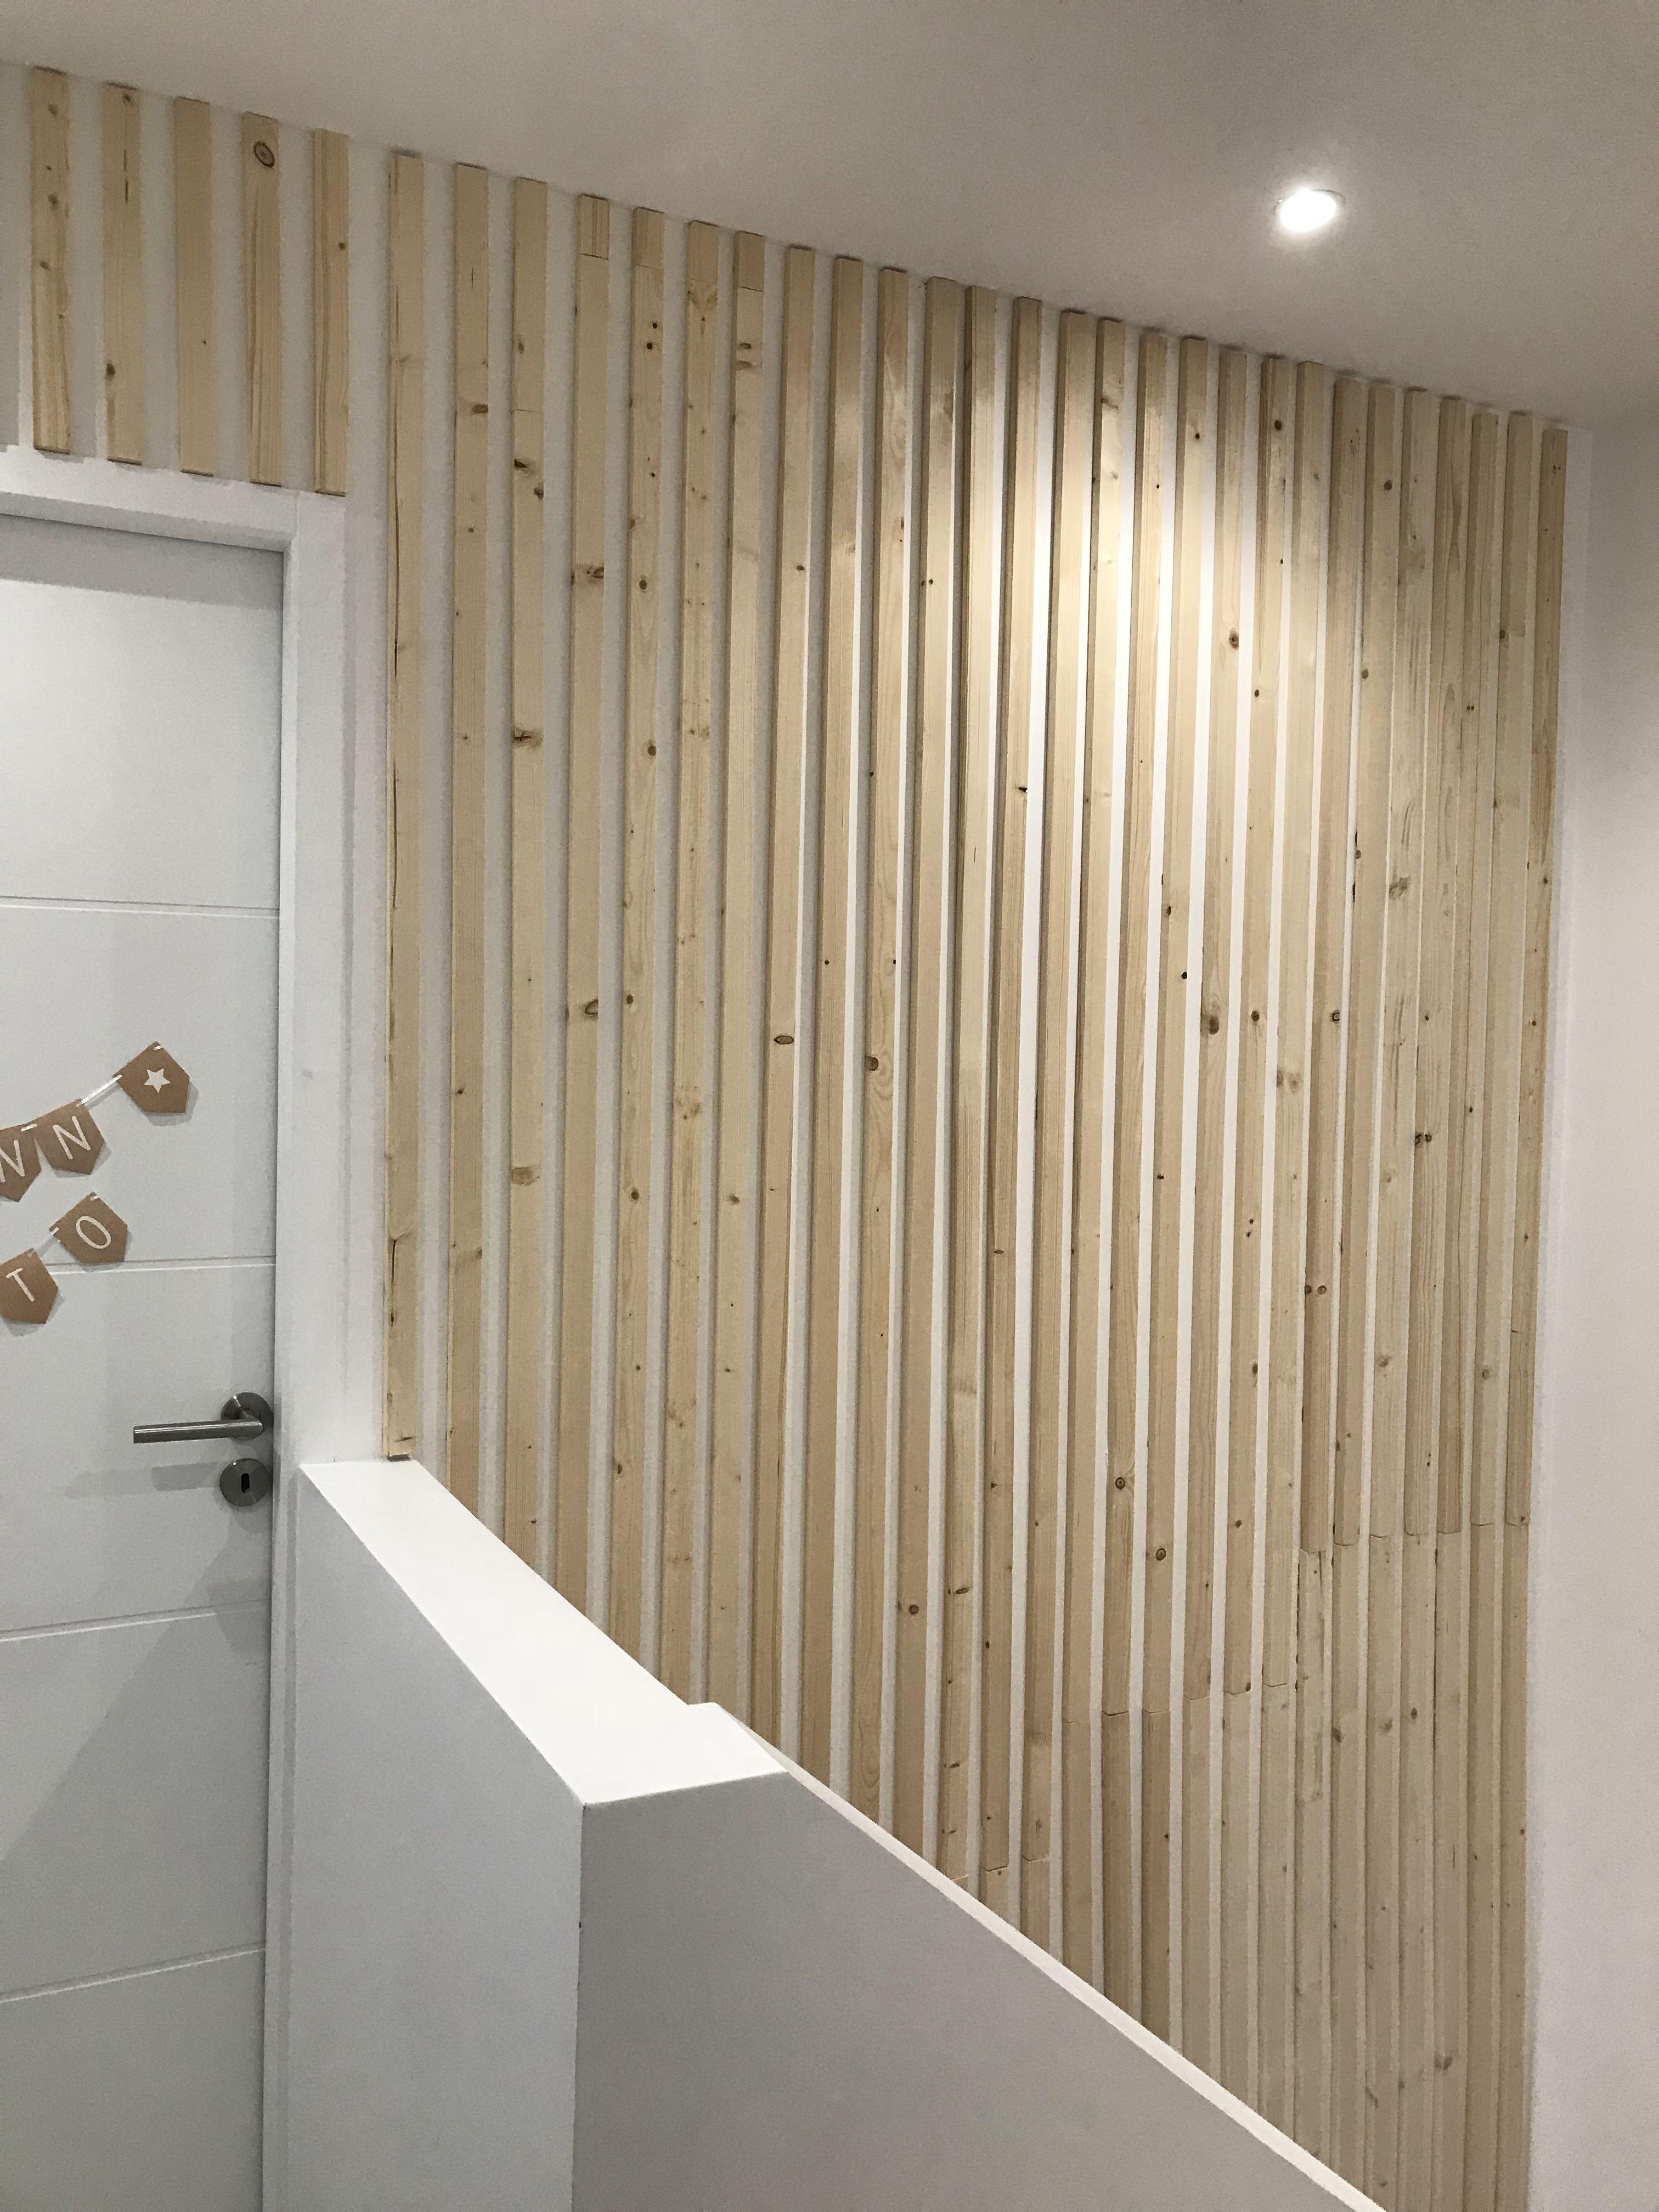 Bardage Bois Vertical Interieur Épinglé par sodoka sur mi casa | bardage bois intérieur